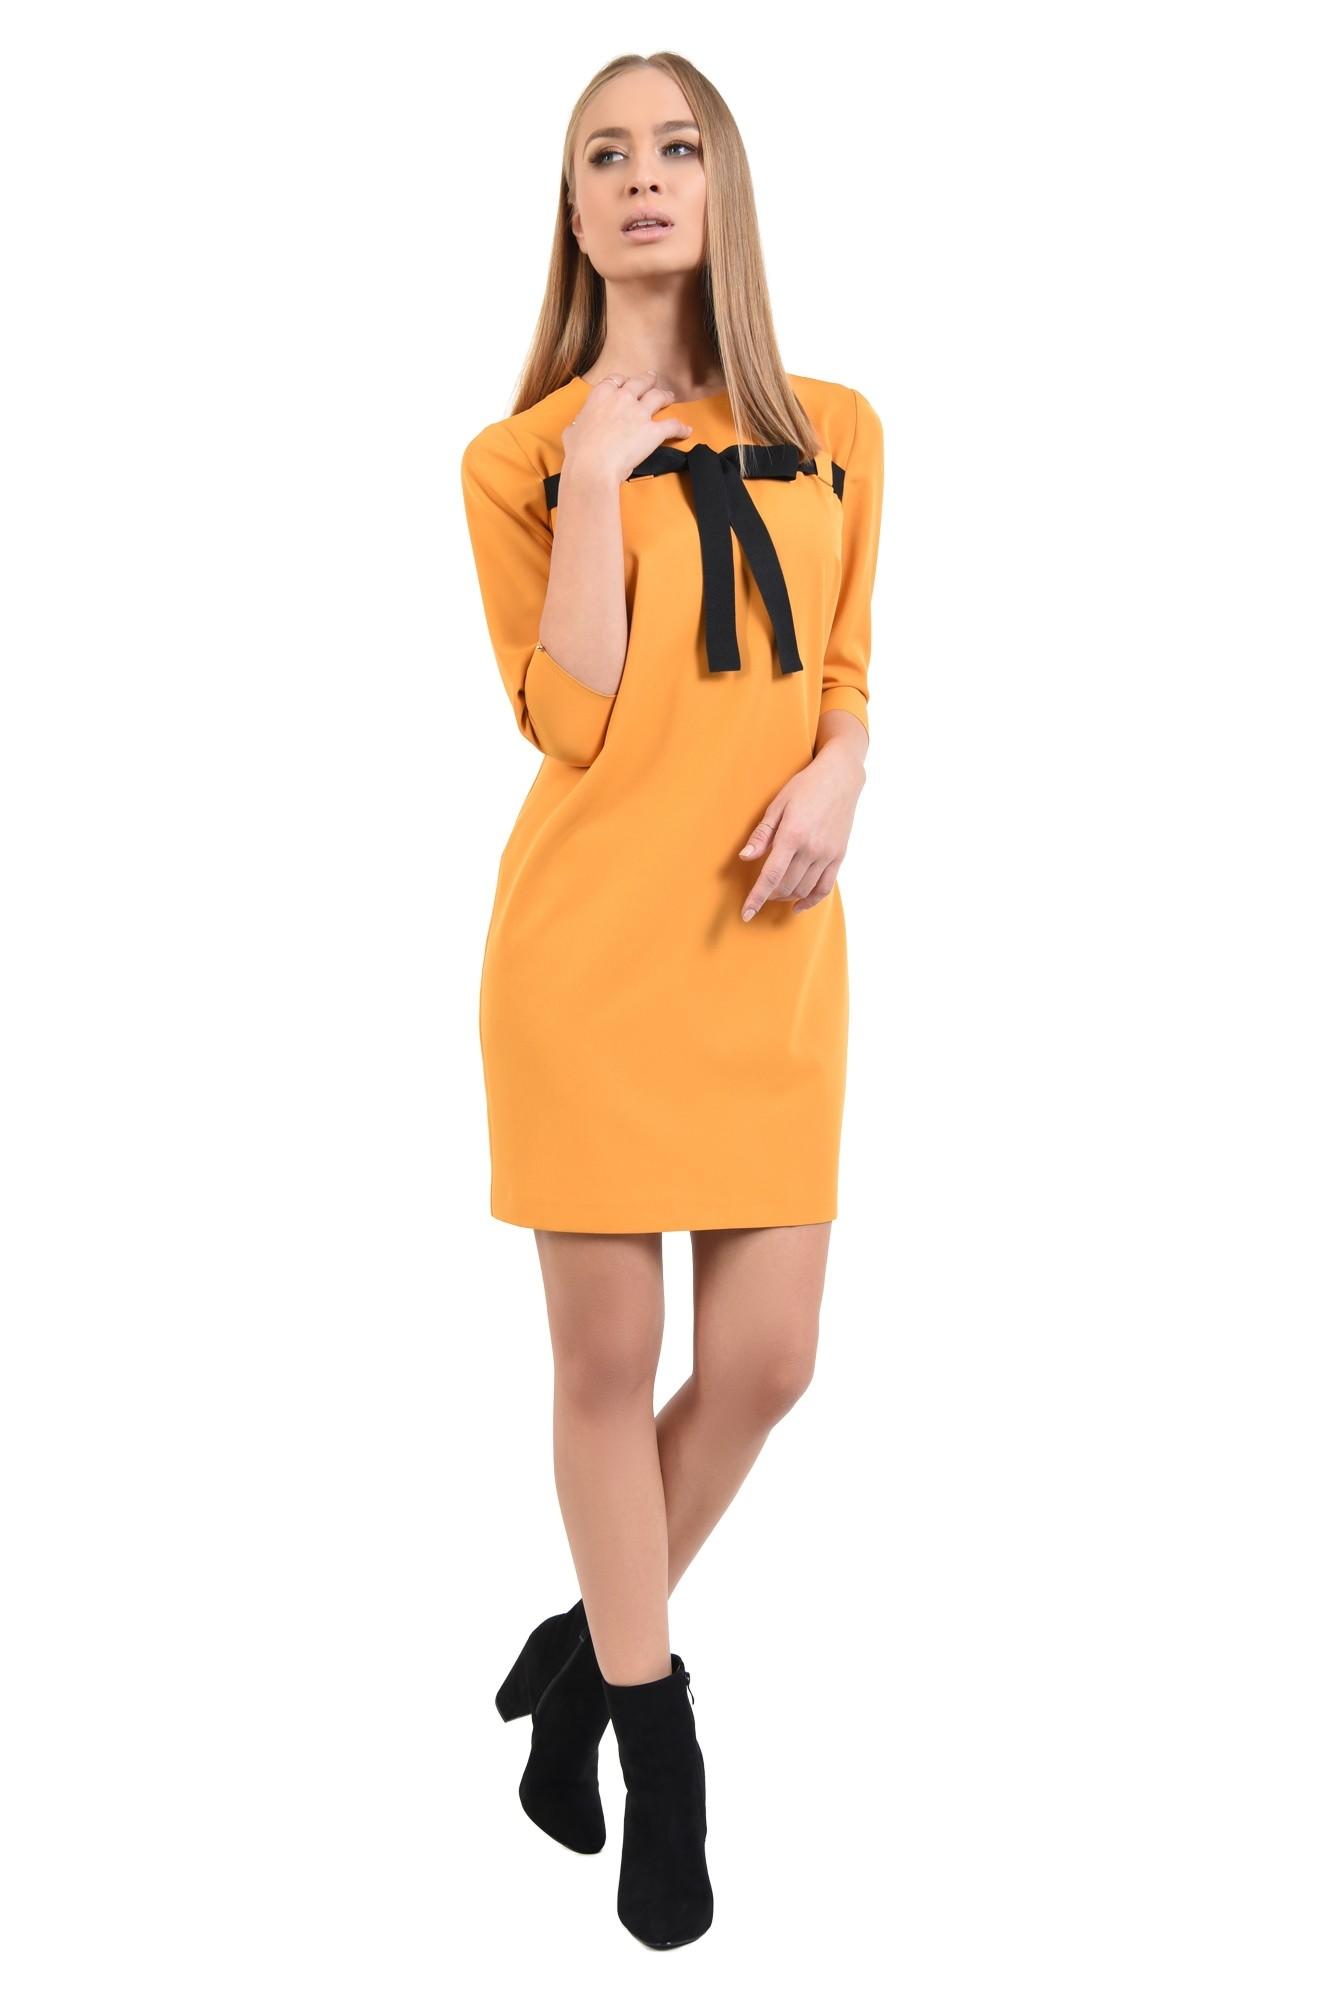 360 - rochie casual, galben mustar, croi drept lejer, maneci tubulare, rips negru, rochii online